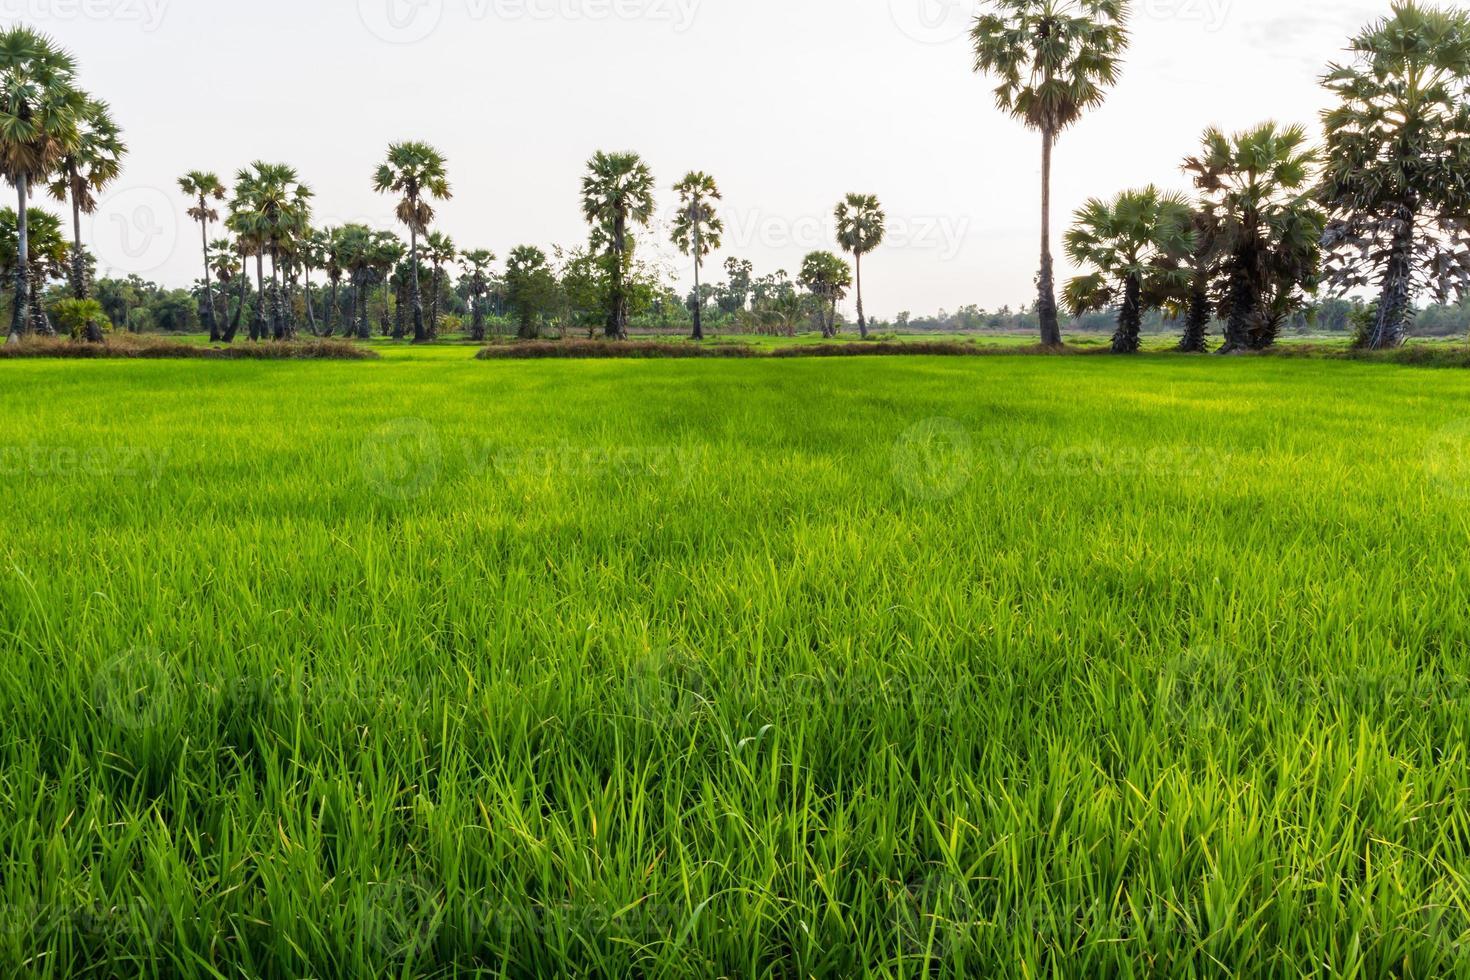 campo de arroz con cáscara. foto